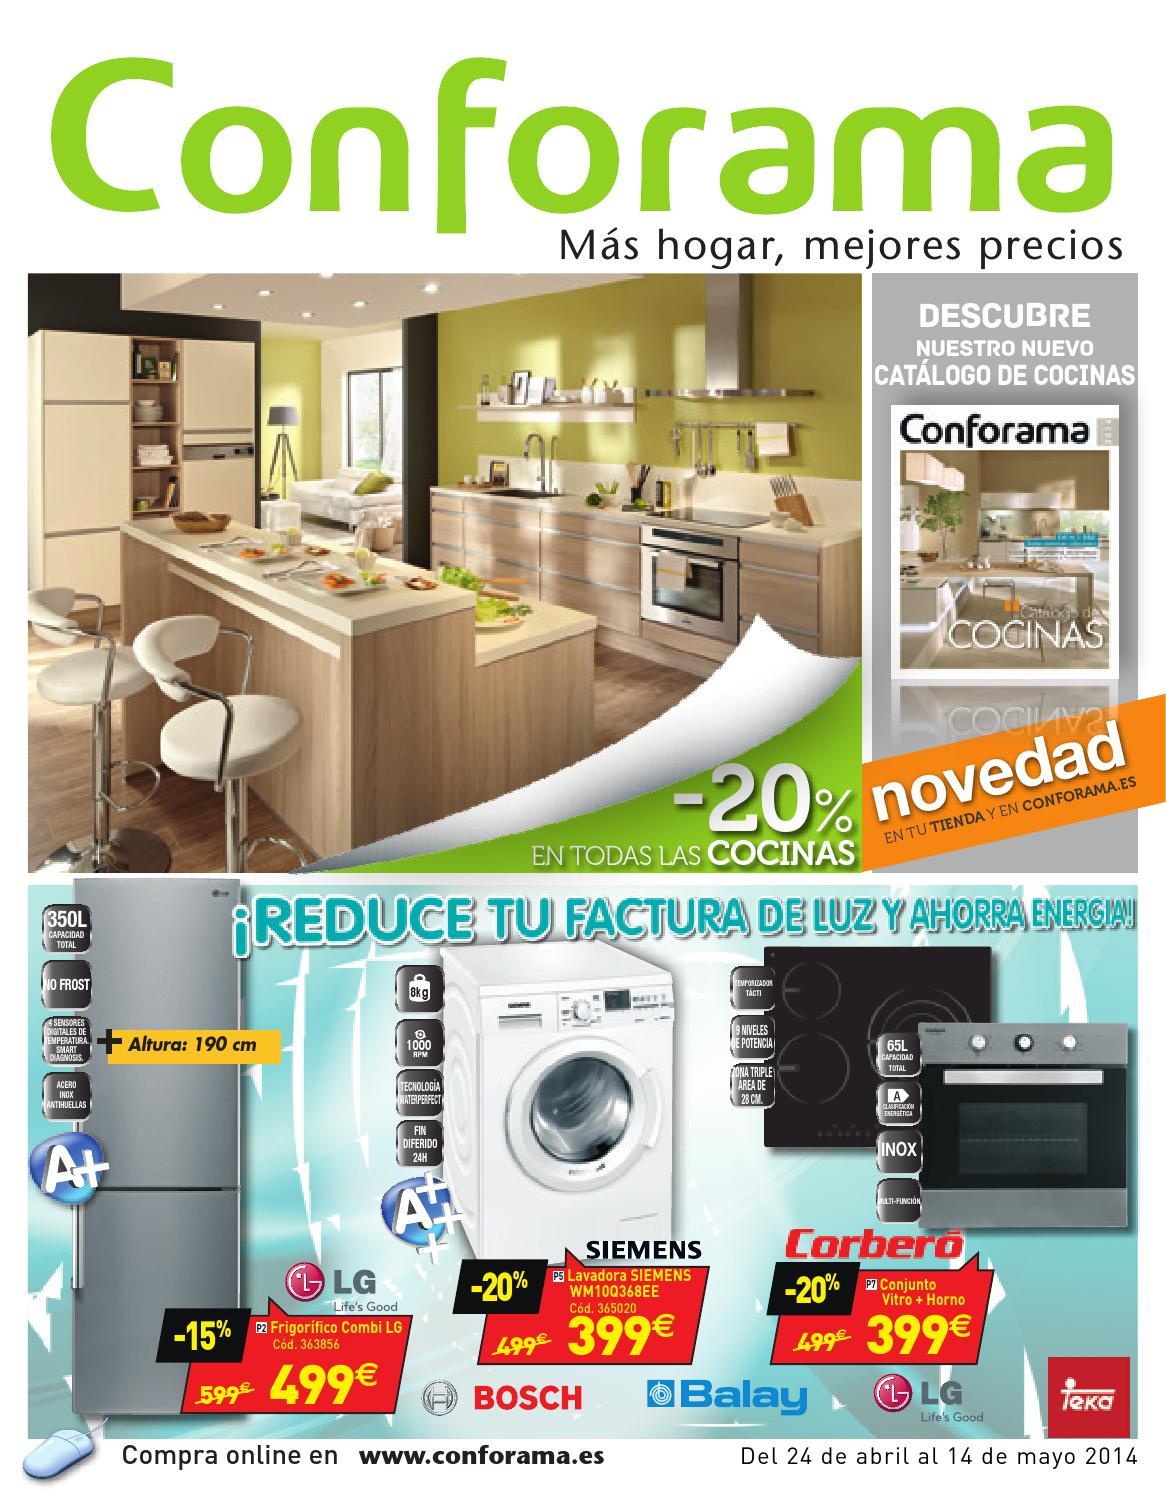 Conforama catalogo 24abril 14mayo2014 by - Catalogo de conforama ...